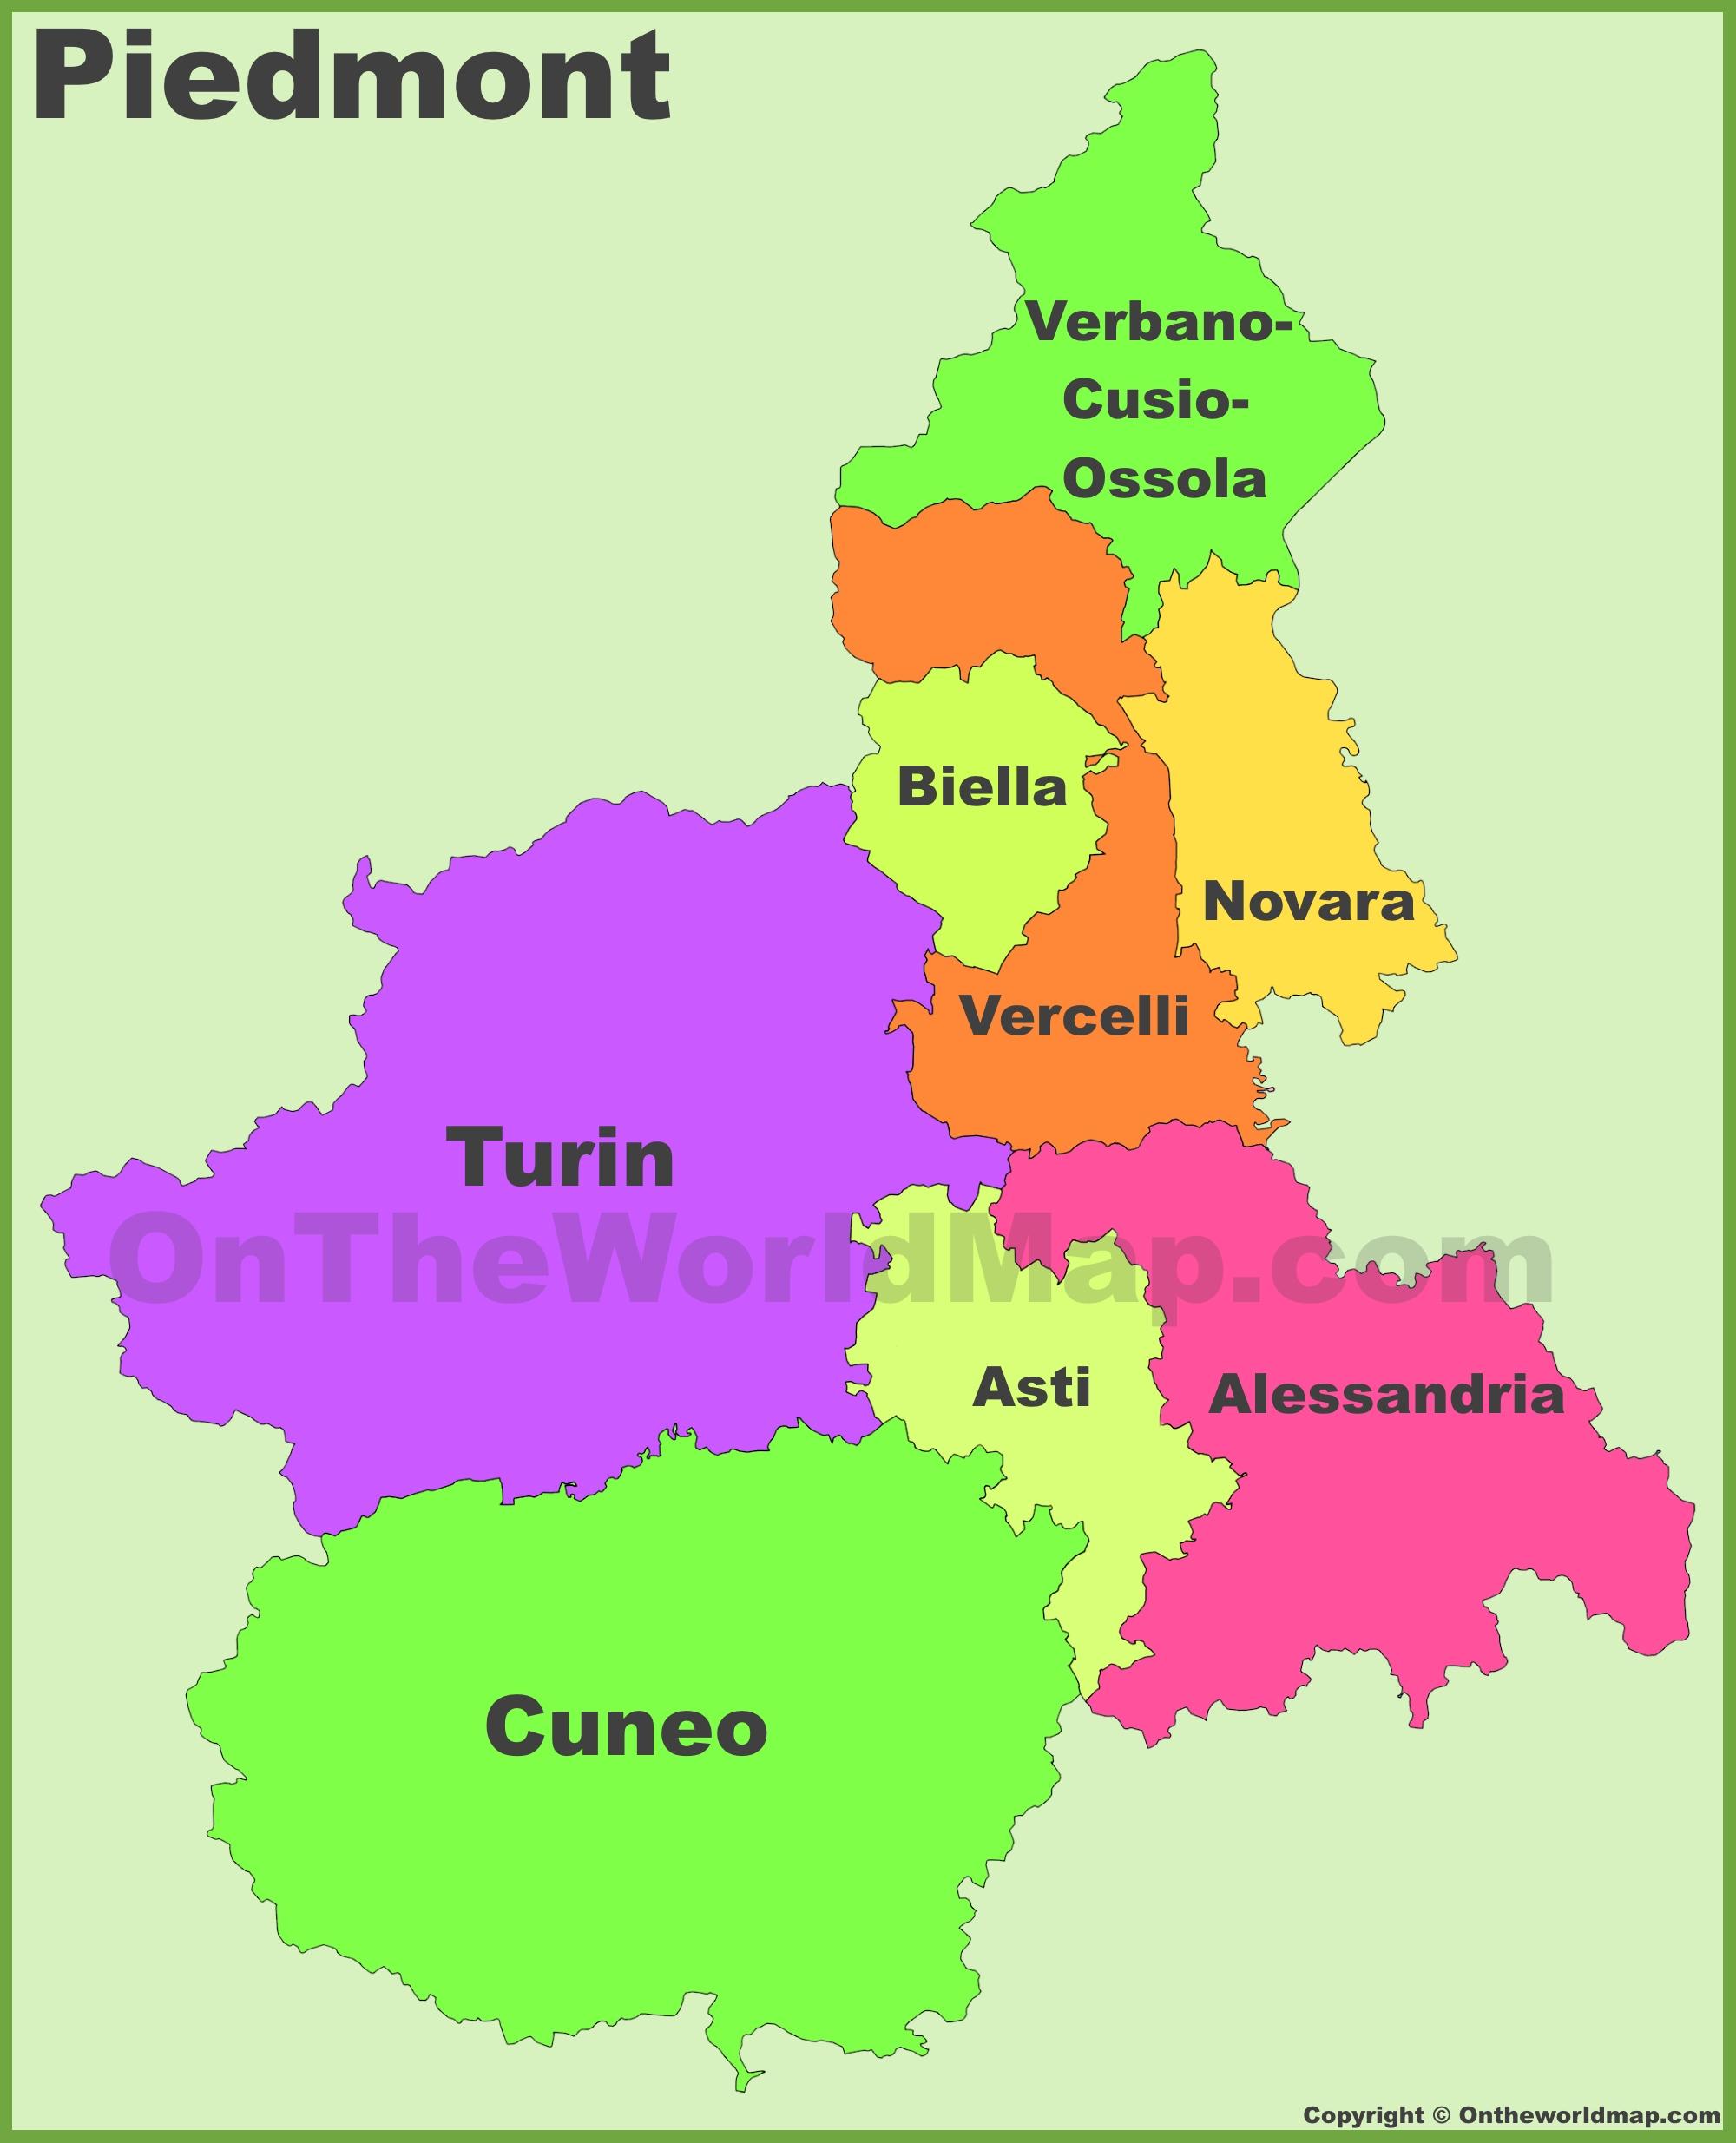 Piedmont provinces map